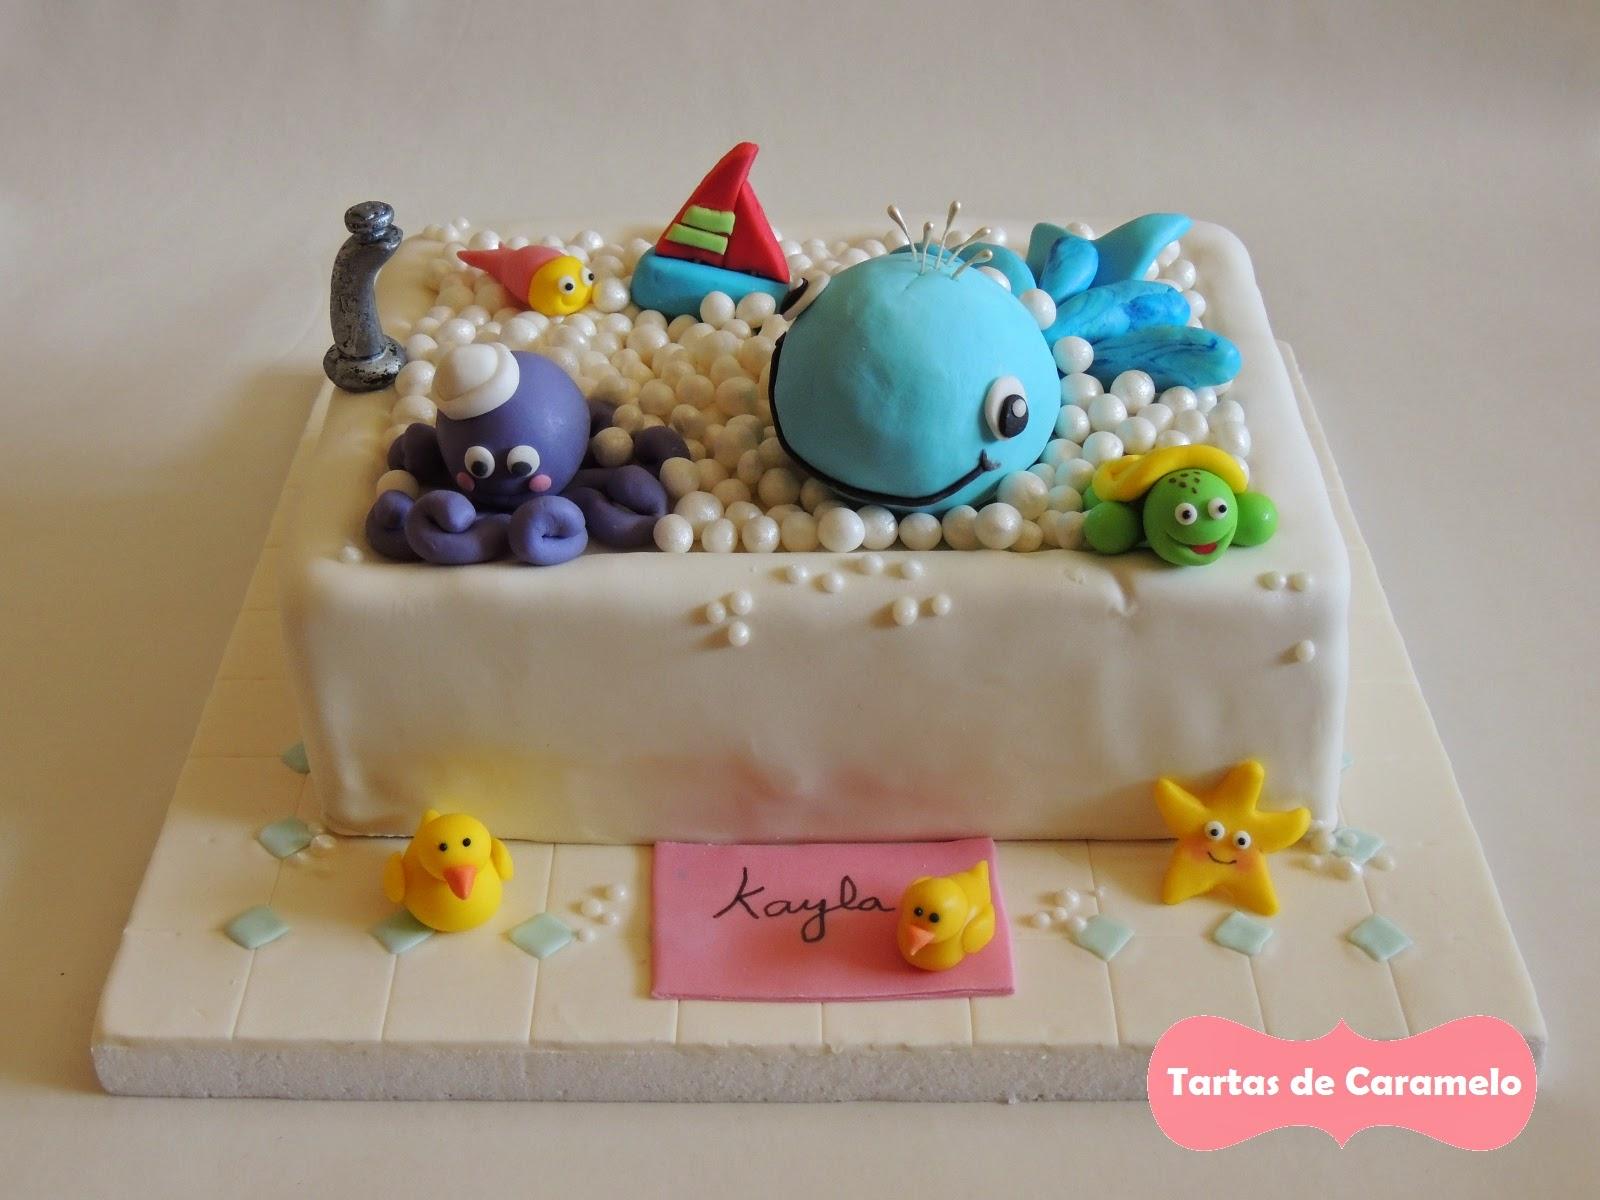 tarta al baño con mis muñecos: pulpo,ballena, tortuga